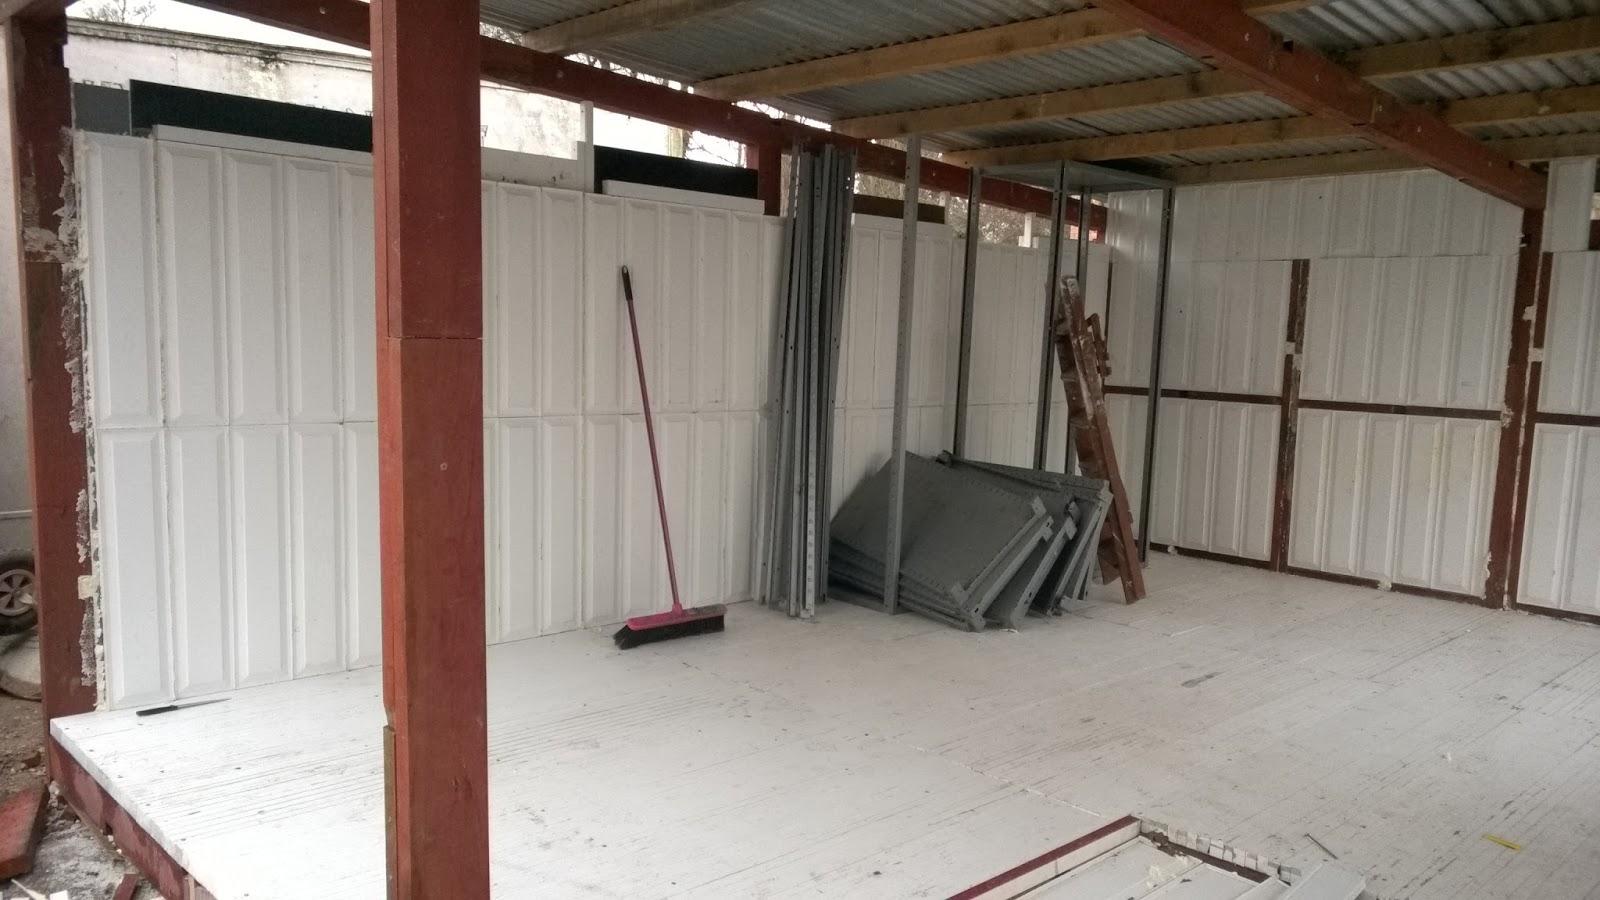 Wood framed door panels & grp door edge floor